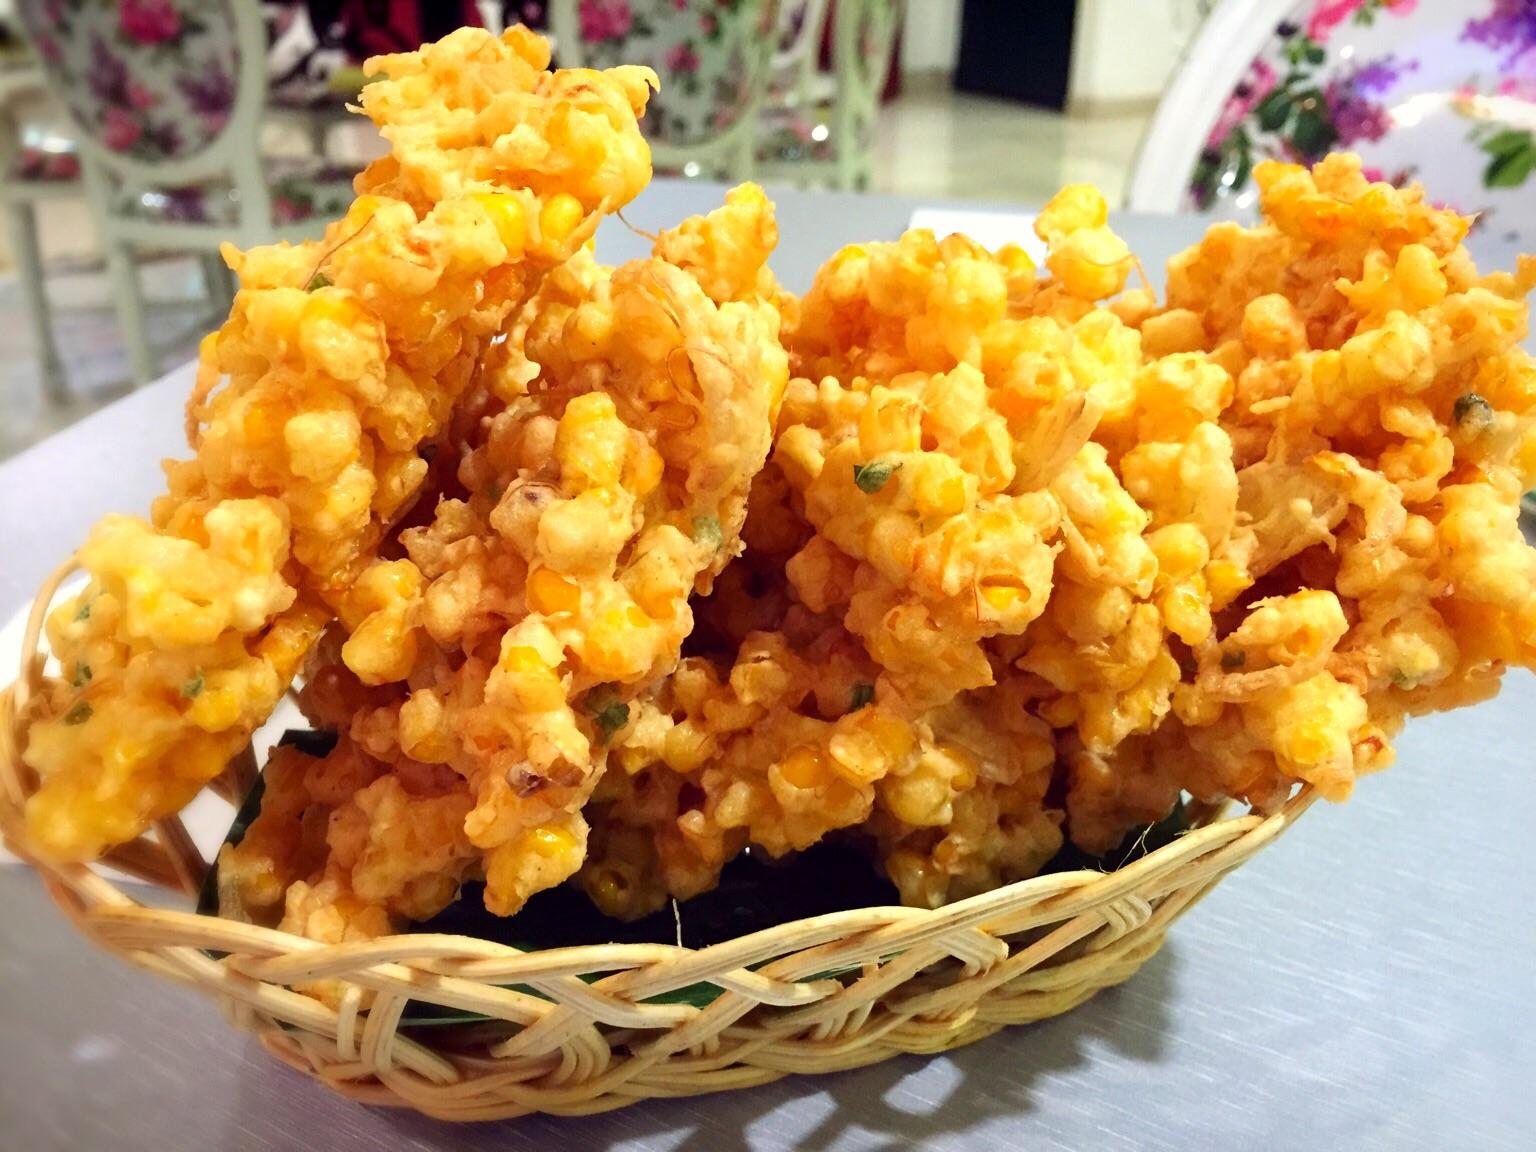 resep bakwan jagung kriuk